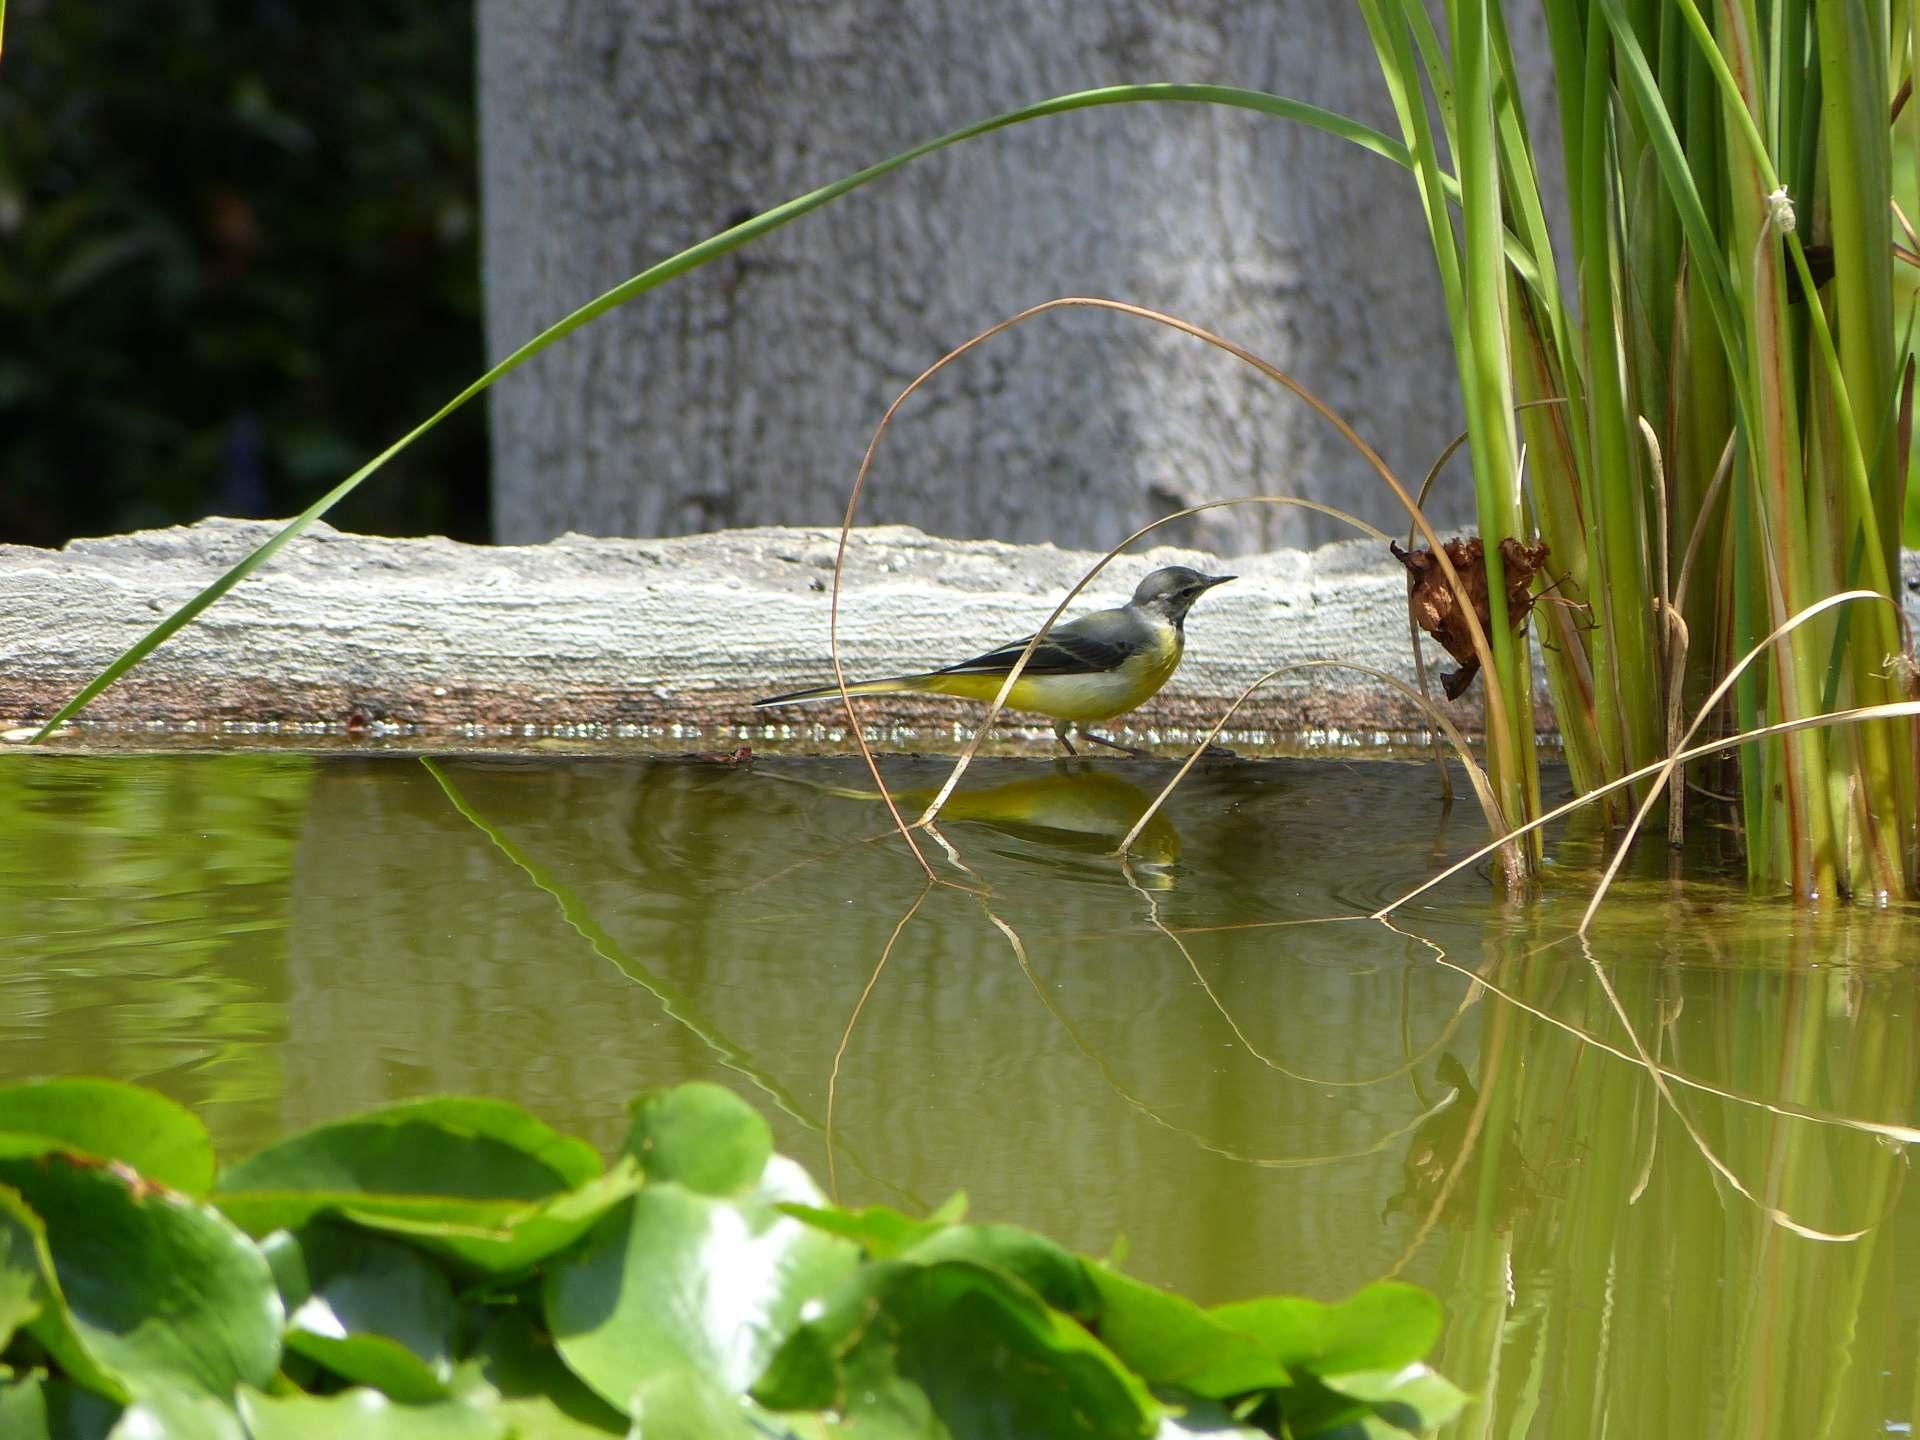 Eins meiner Lieblingsbilder vom Jardin Botanico